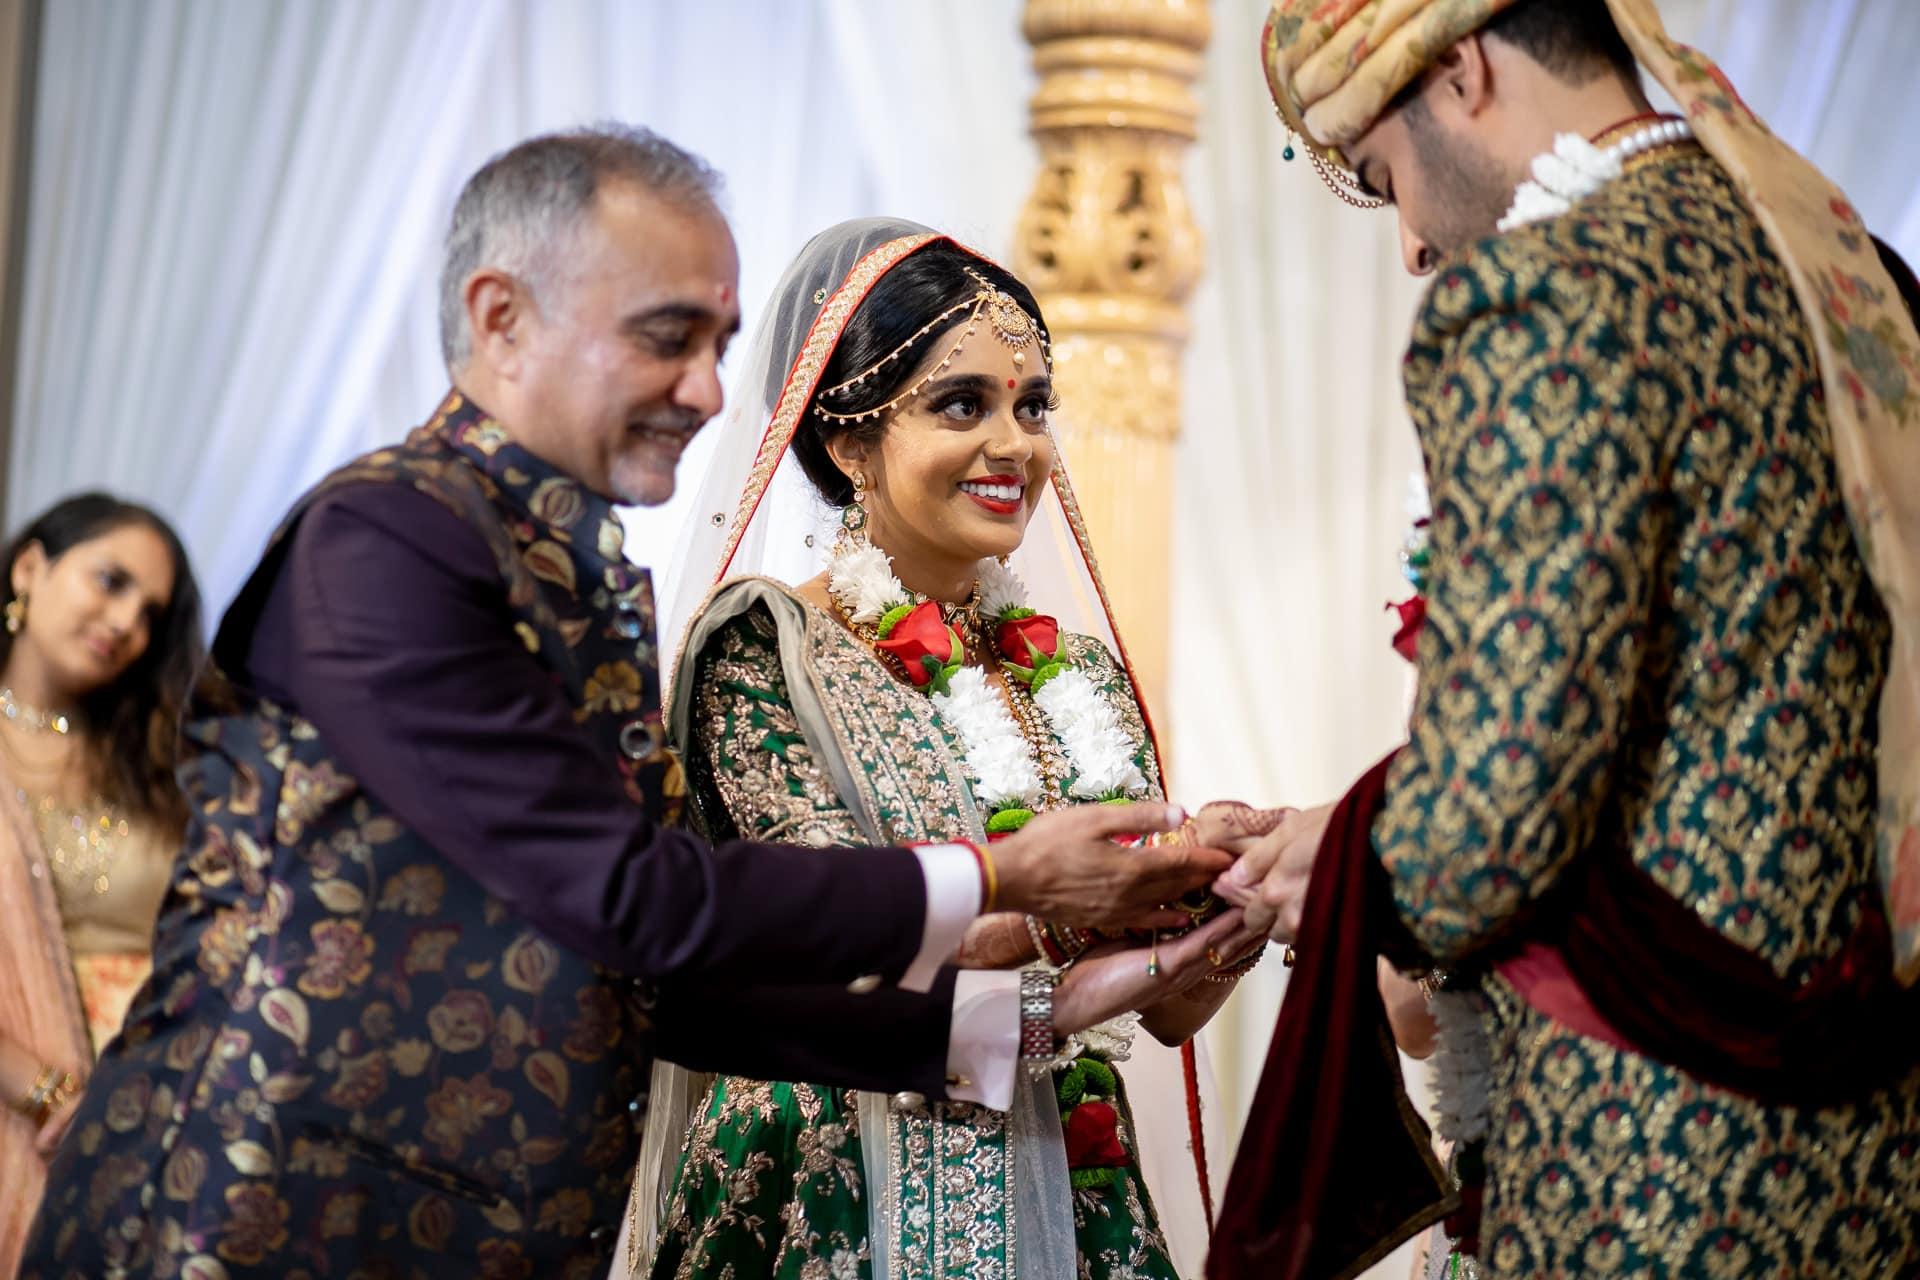 Groom handing bride's hand away in Marriage